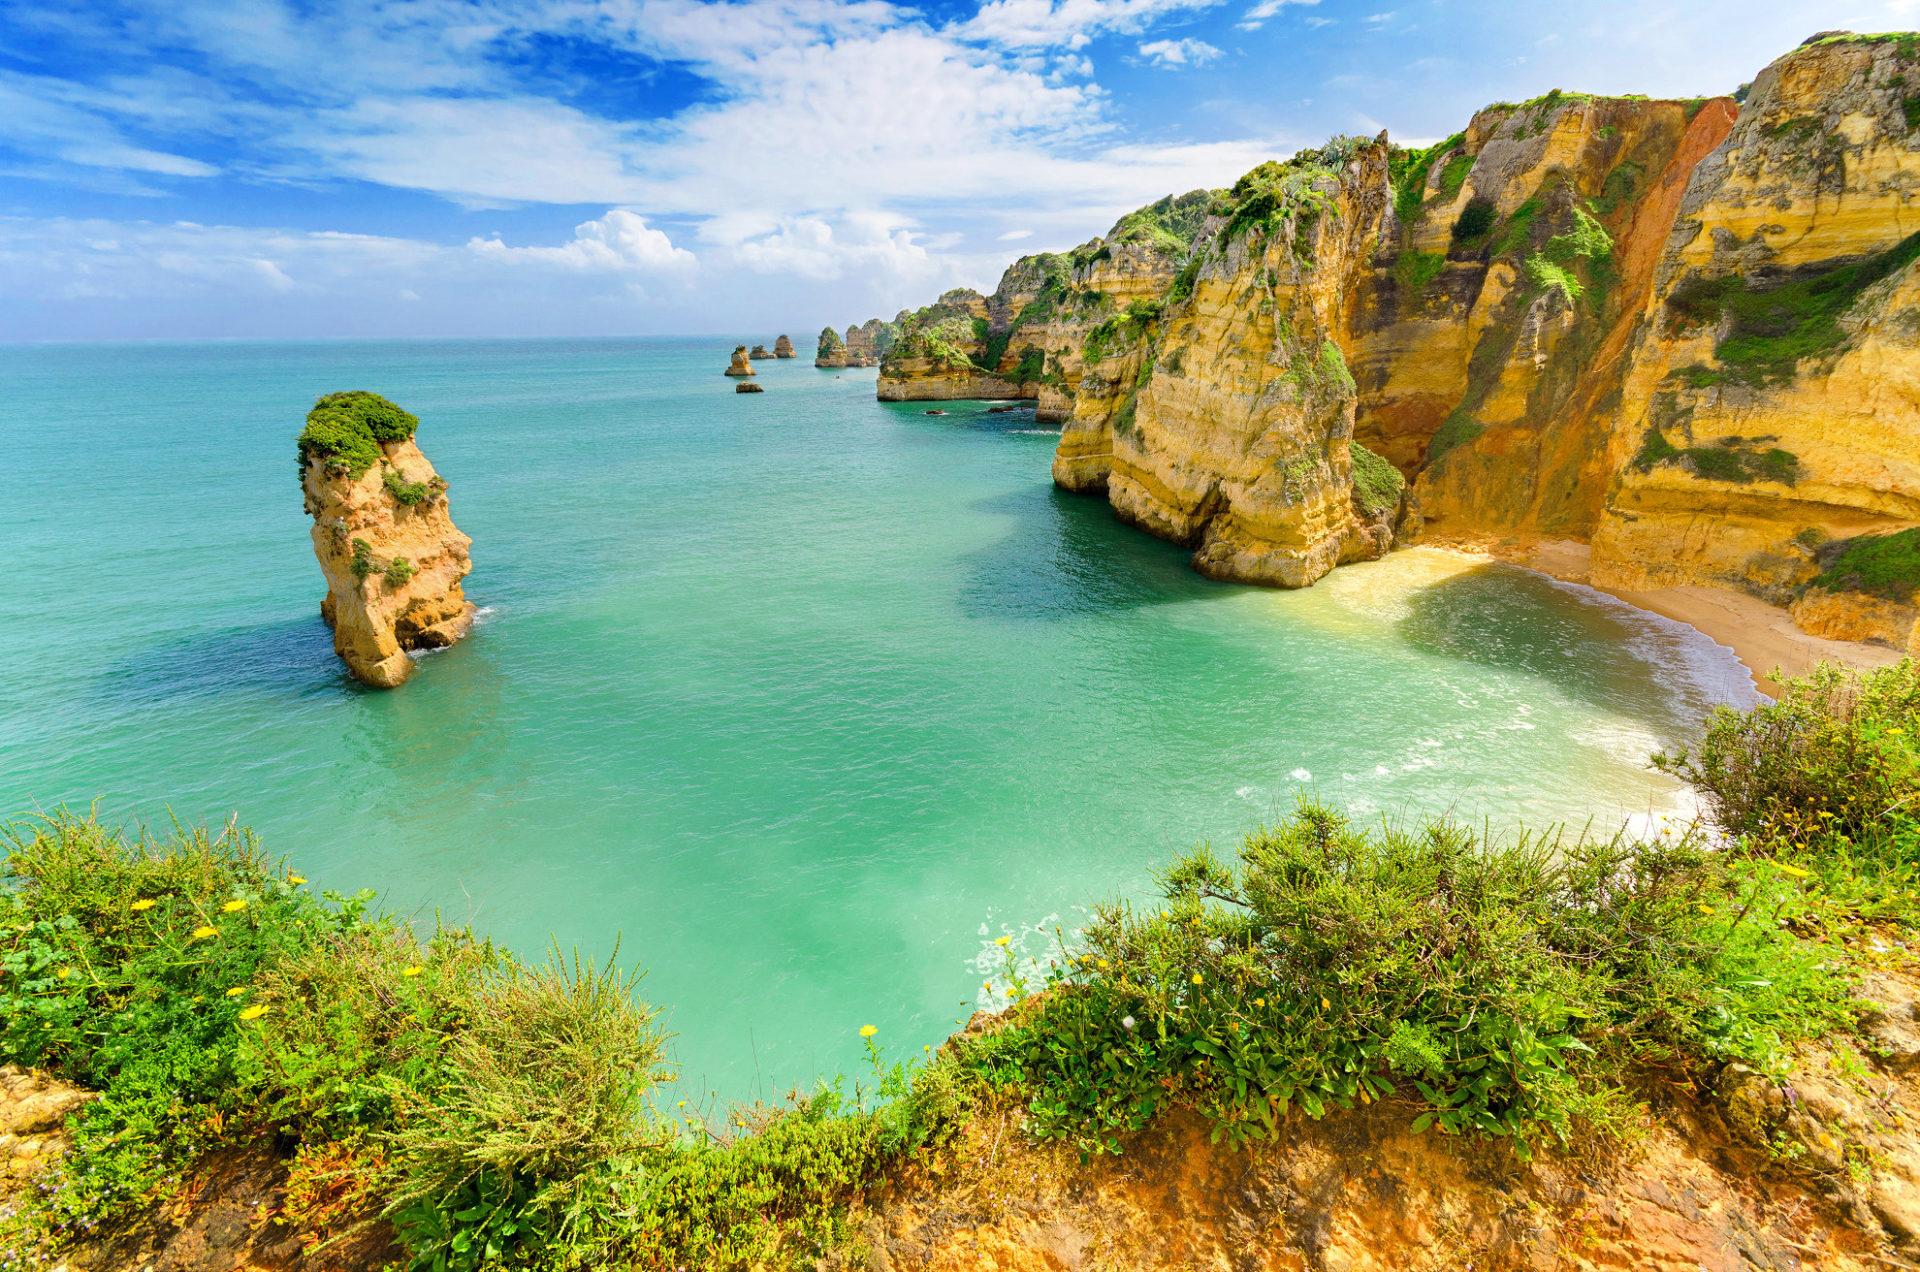 Lagos - Algarve